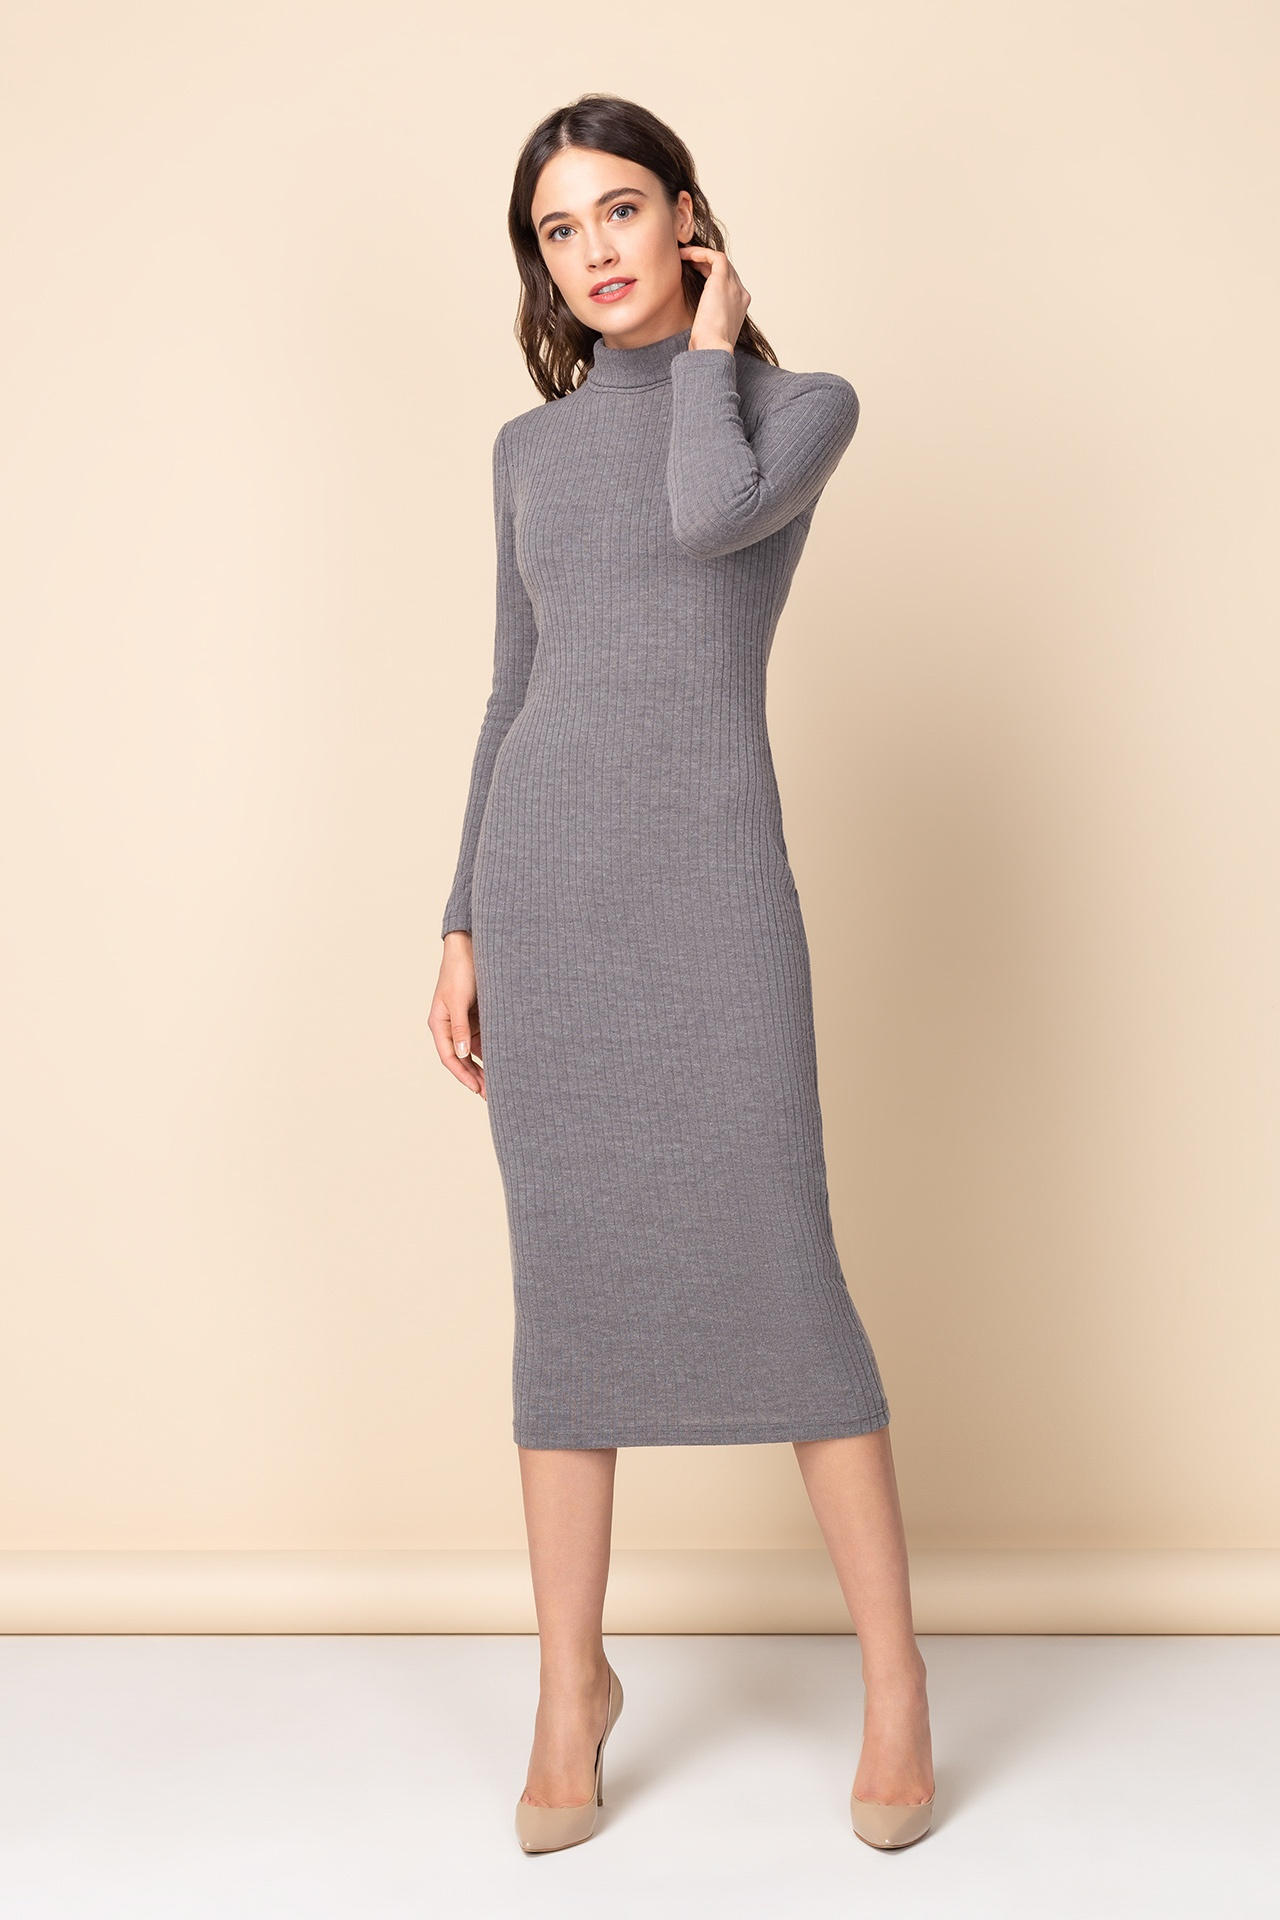 4840c13840e Трикотажное платье-миди с фактурой полоски в сером цвете